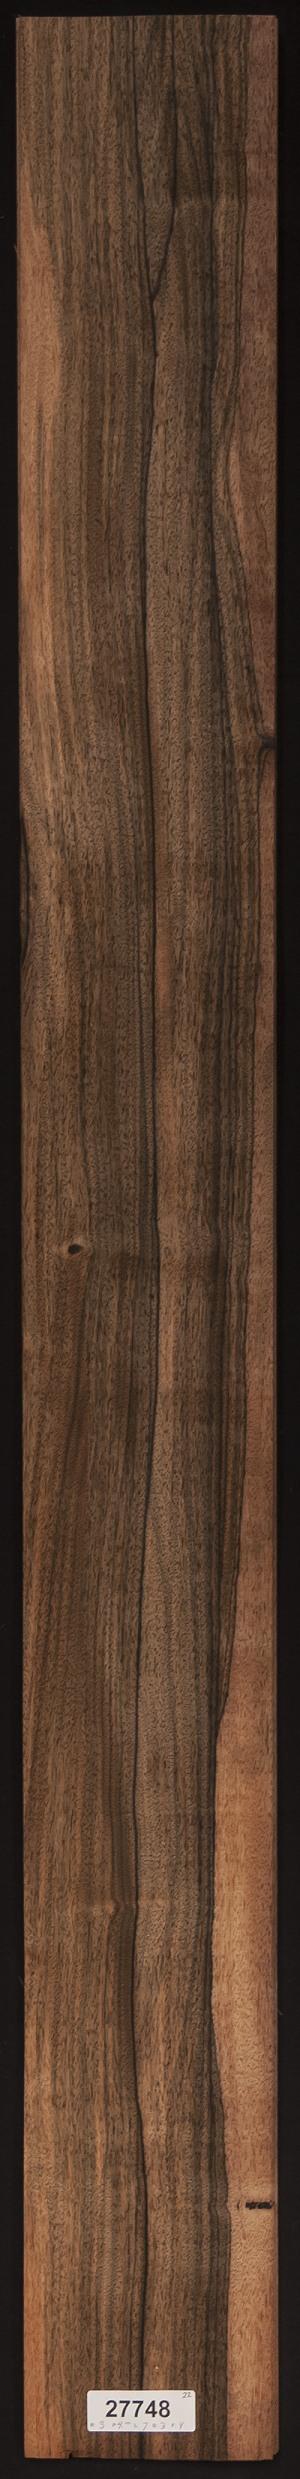 Flat Cut Ebony (Macassar) Veneer Lot